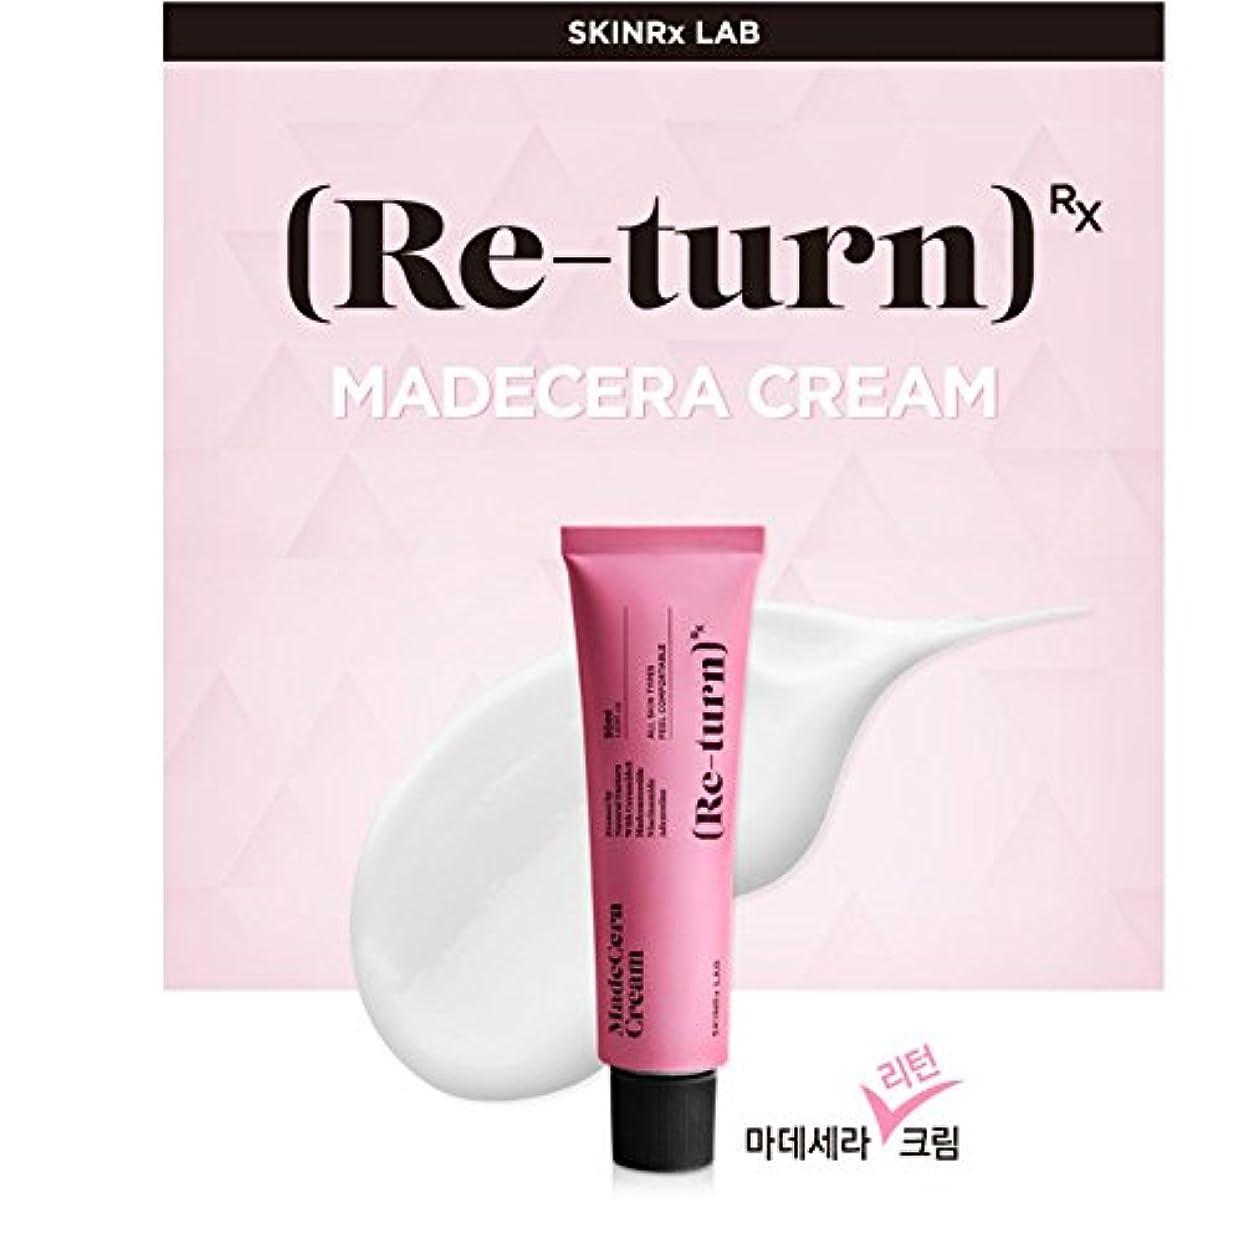 シャンプー敬の念ポンプスキンアルエクスラップ マデセラ リターン クリーム 50ml / SKINRxLAB MadeCera Re-turn Cream 50ml (1.69oz)